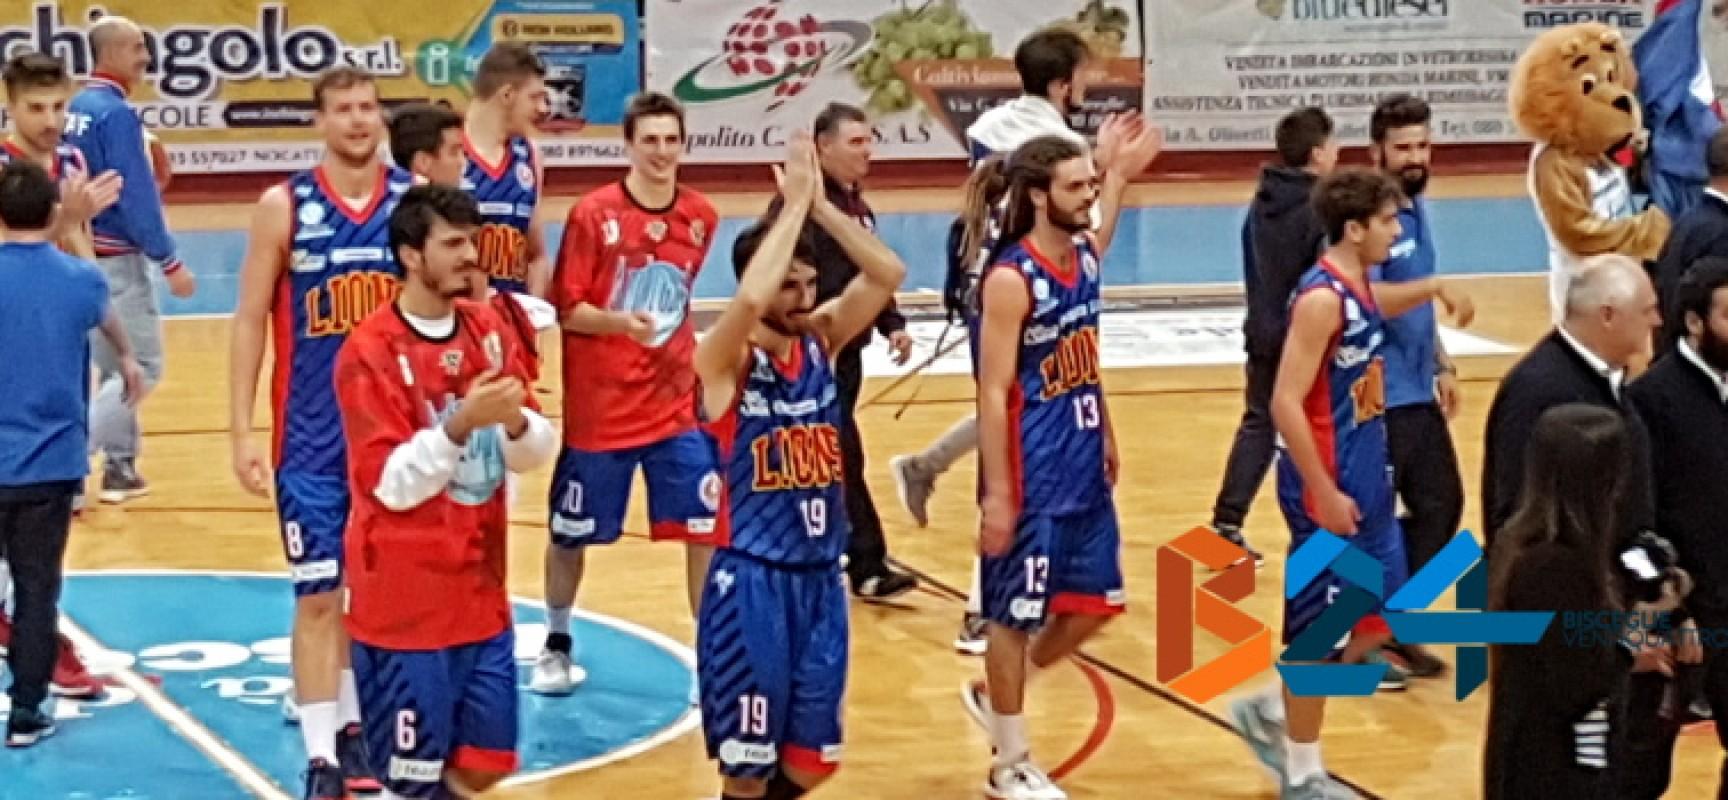 Ruggito Lions Basket, battuta nettamente Giulianova al Paladolmen